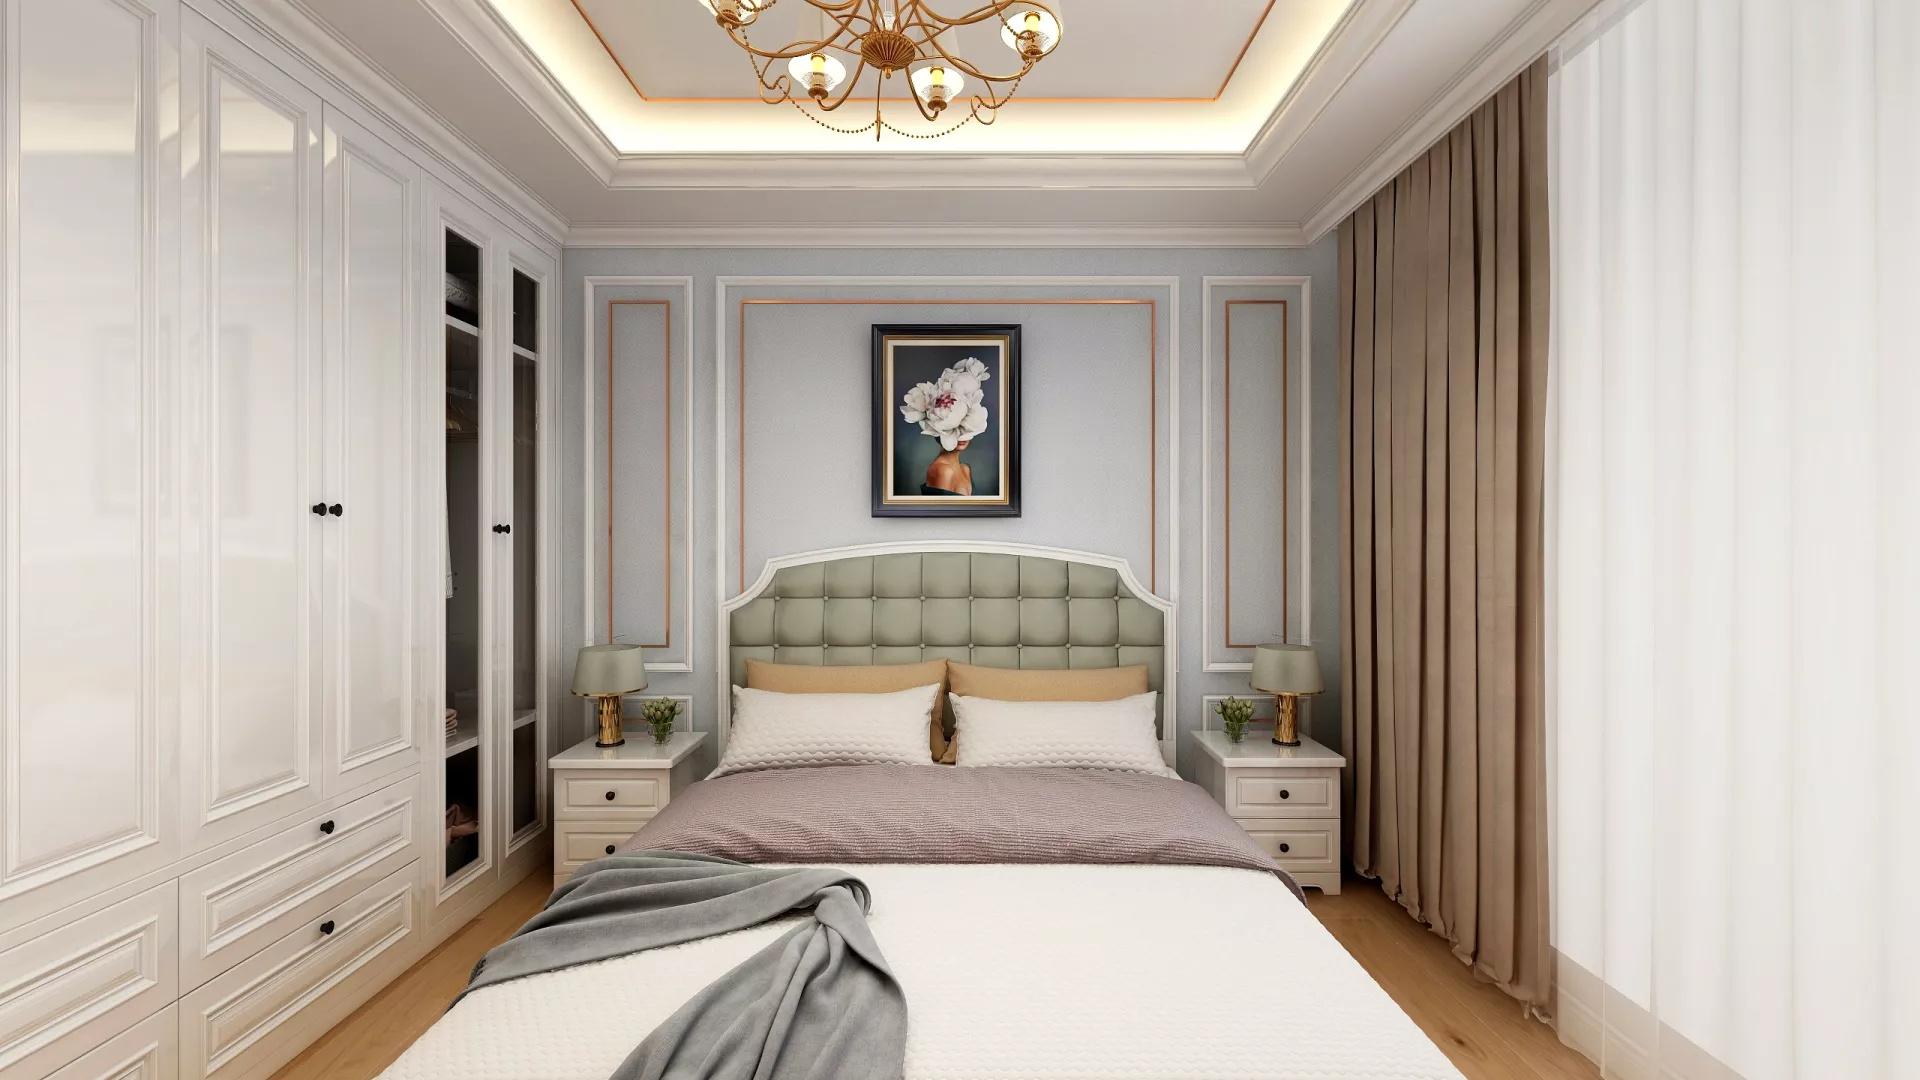 卧室如何设计更时尚 卧室时尚设计的注意事项